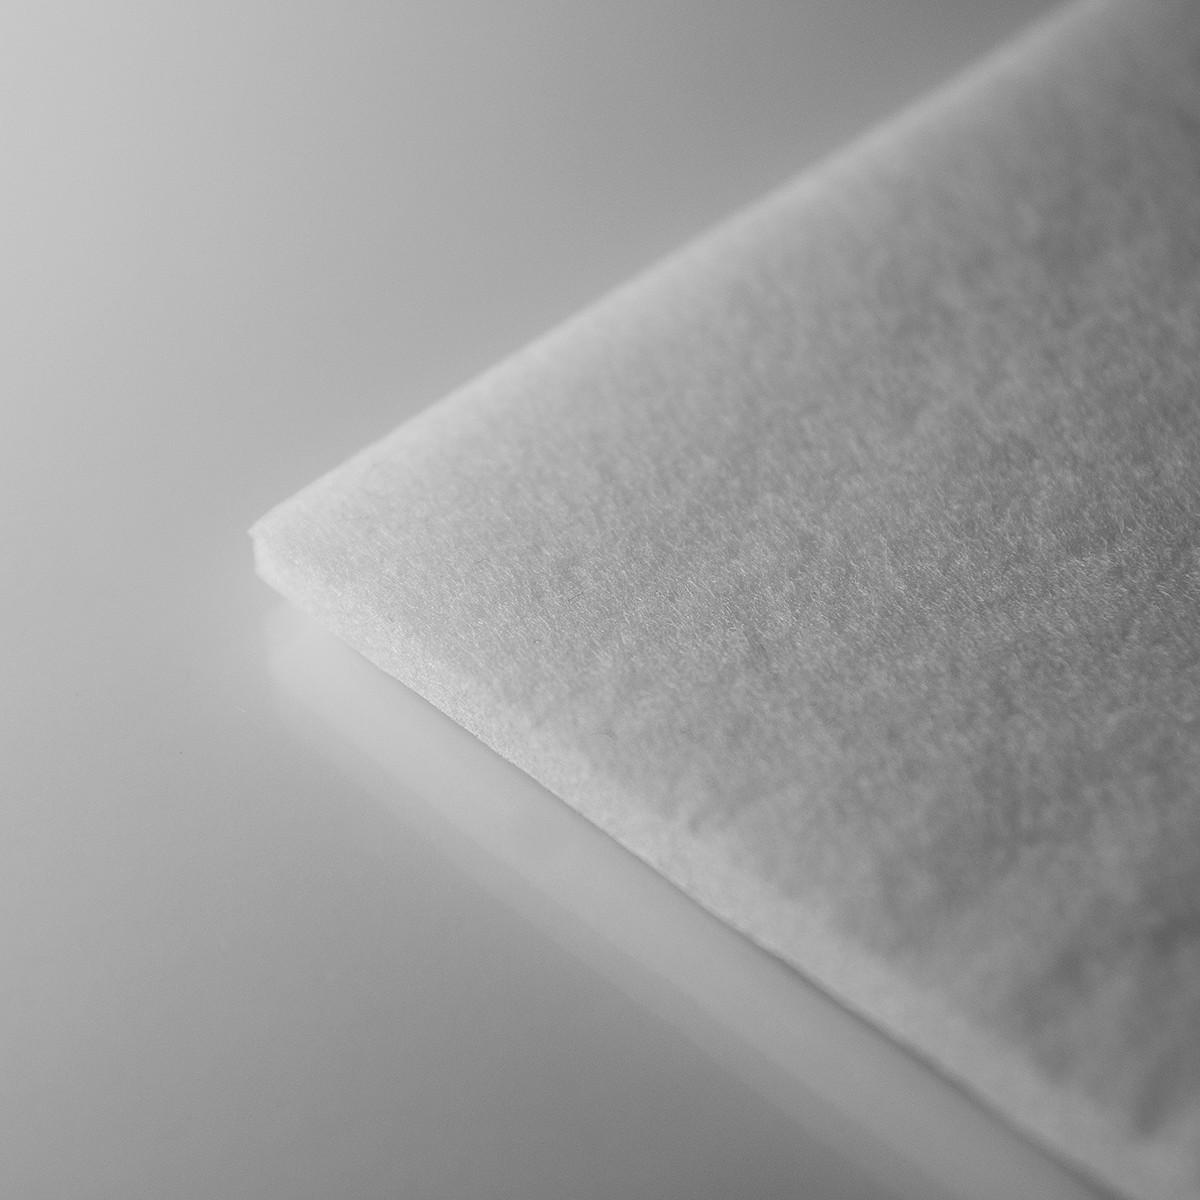 Superabsorbent Fabrics/SAF™ superabsorbent Airlaid Fabric 2715 10sqm